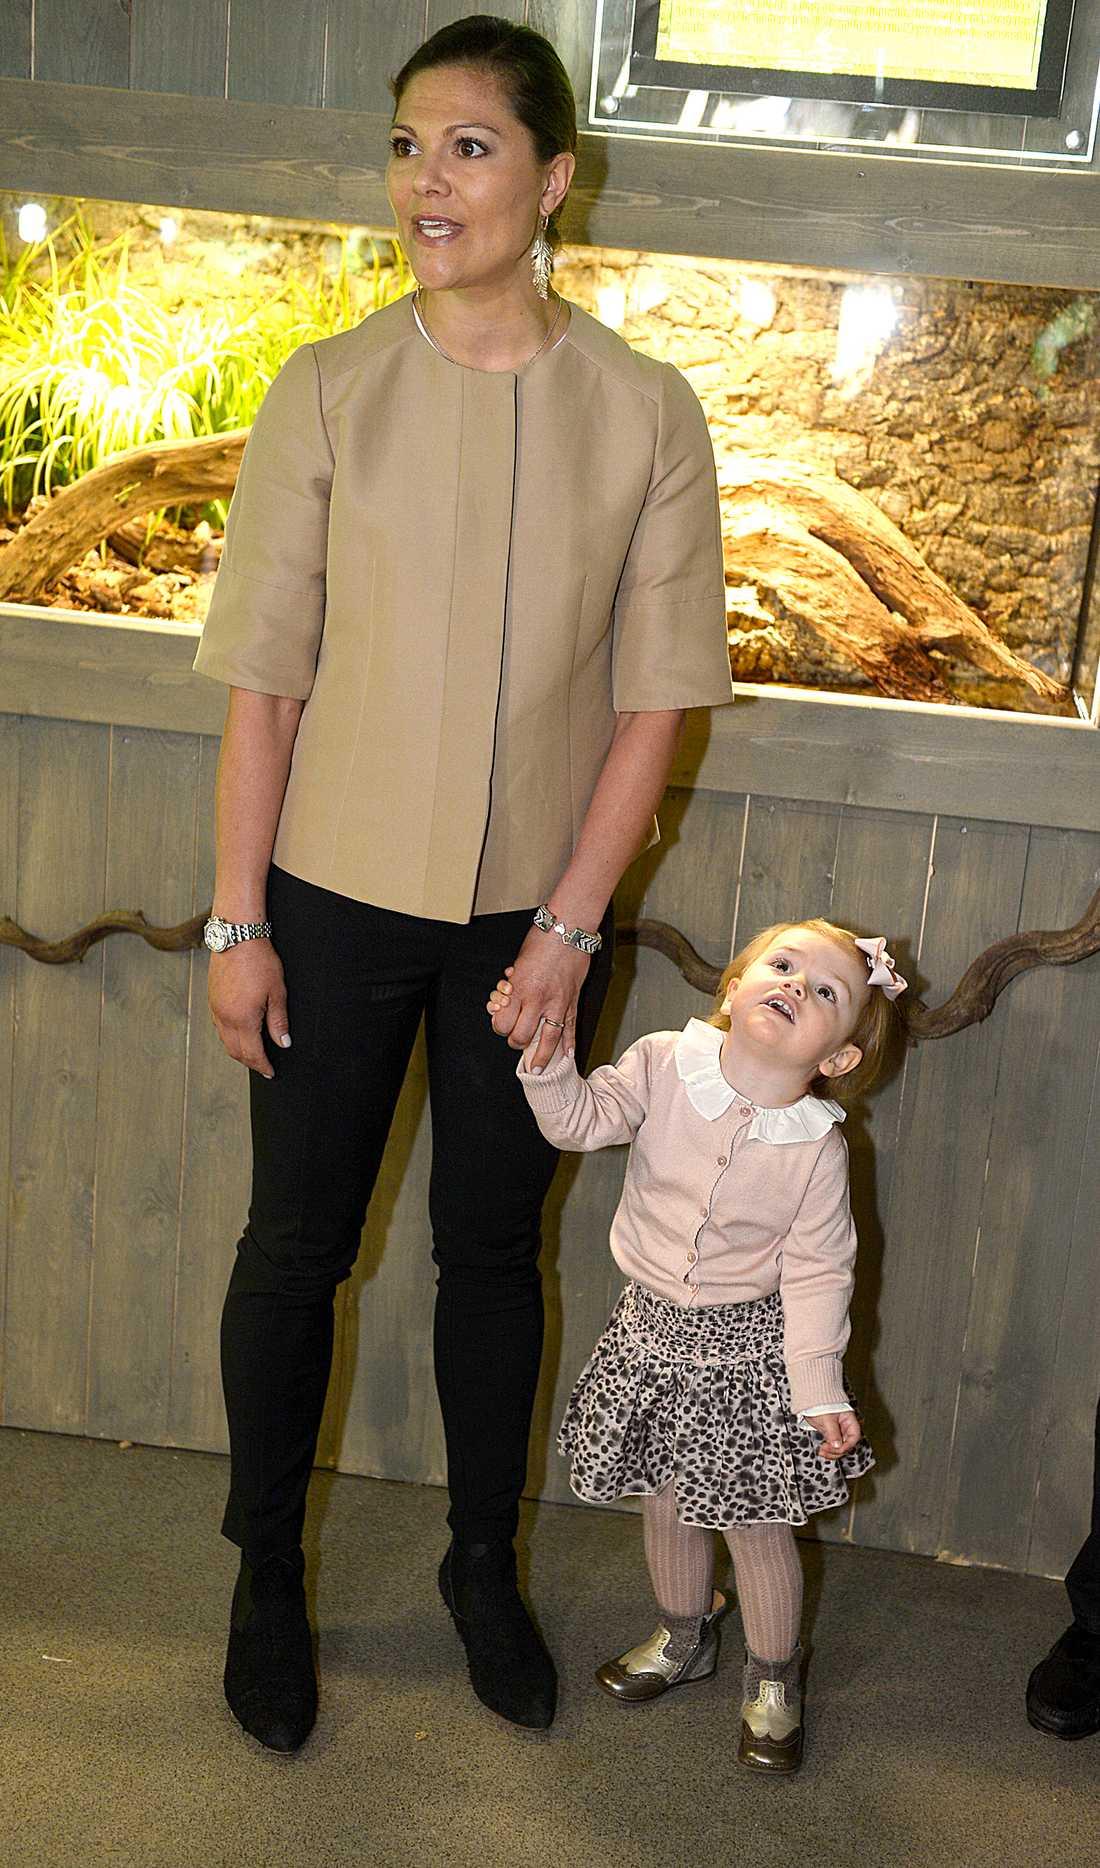 Victoria och dottern Estelle på Skansenakvariet. Victoria är fin i nudefärgad topp, jeans och svarta byxor.